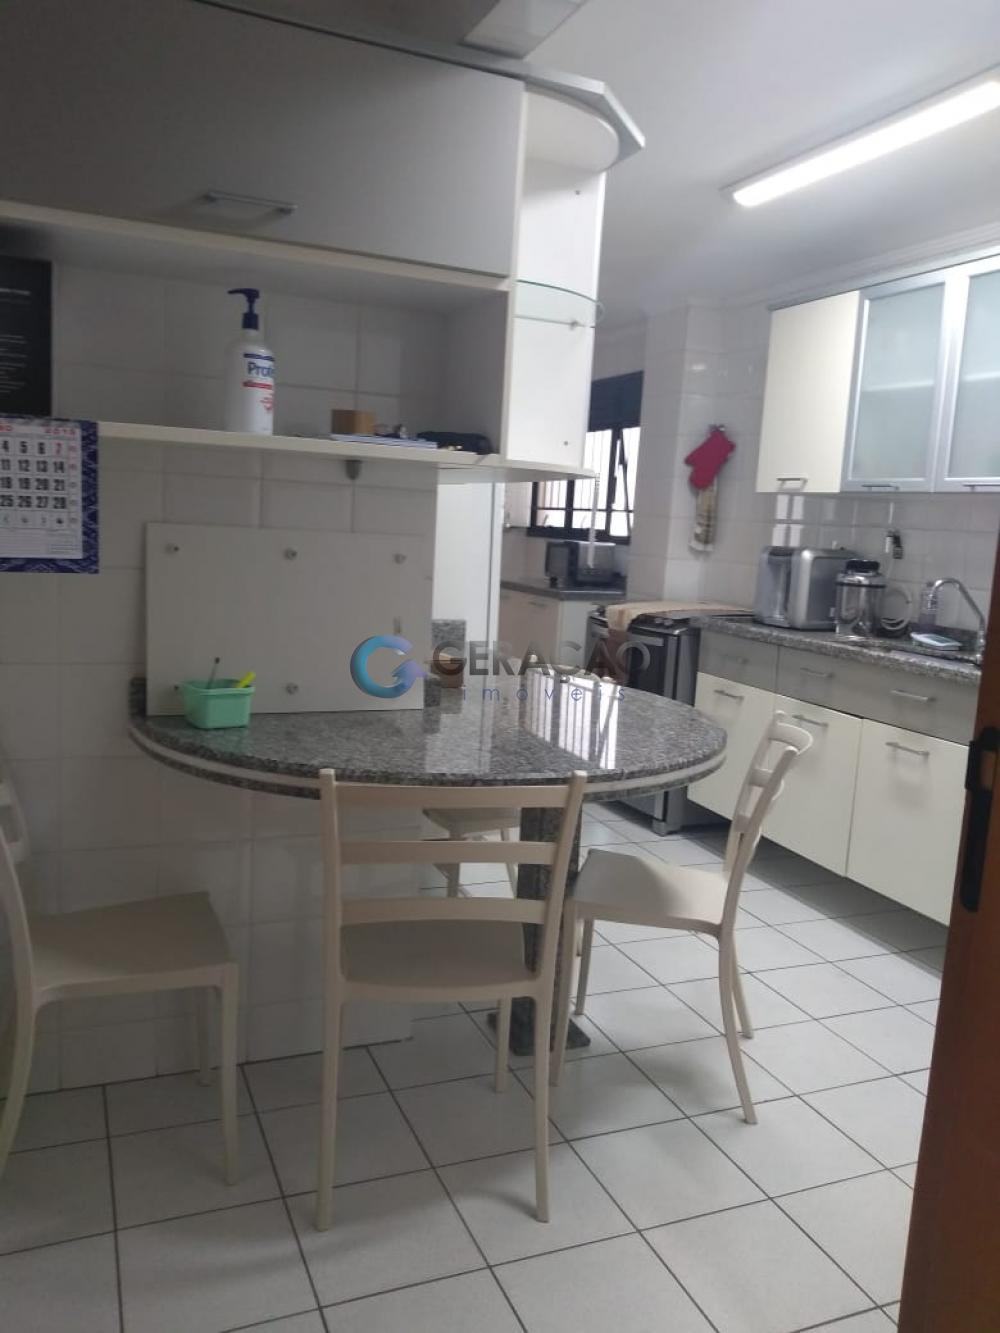 Comprar Apartamento / Padrão em São José dos Campos R$ 1.300.000,00 - Foto 19